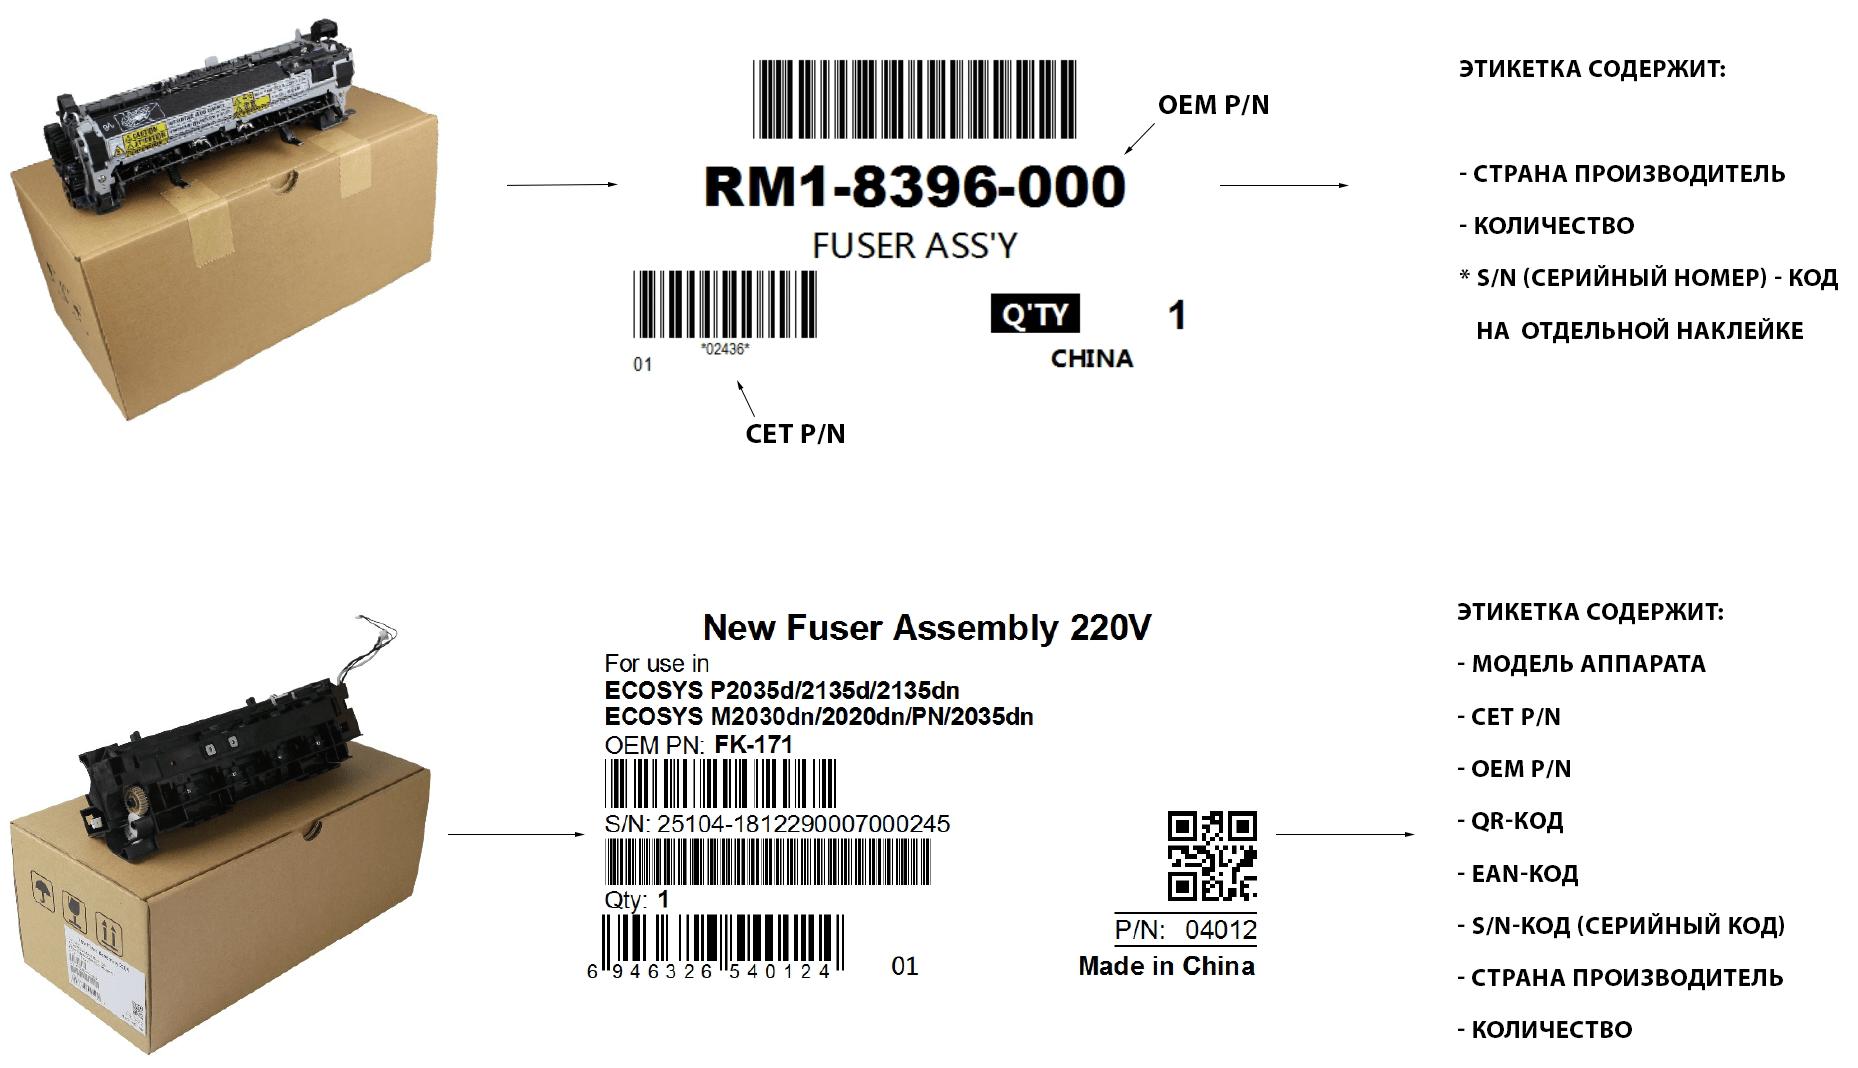 Этикетка СЕТ на примере печек